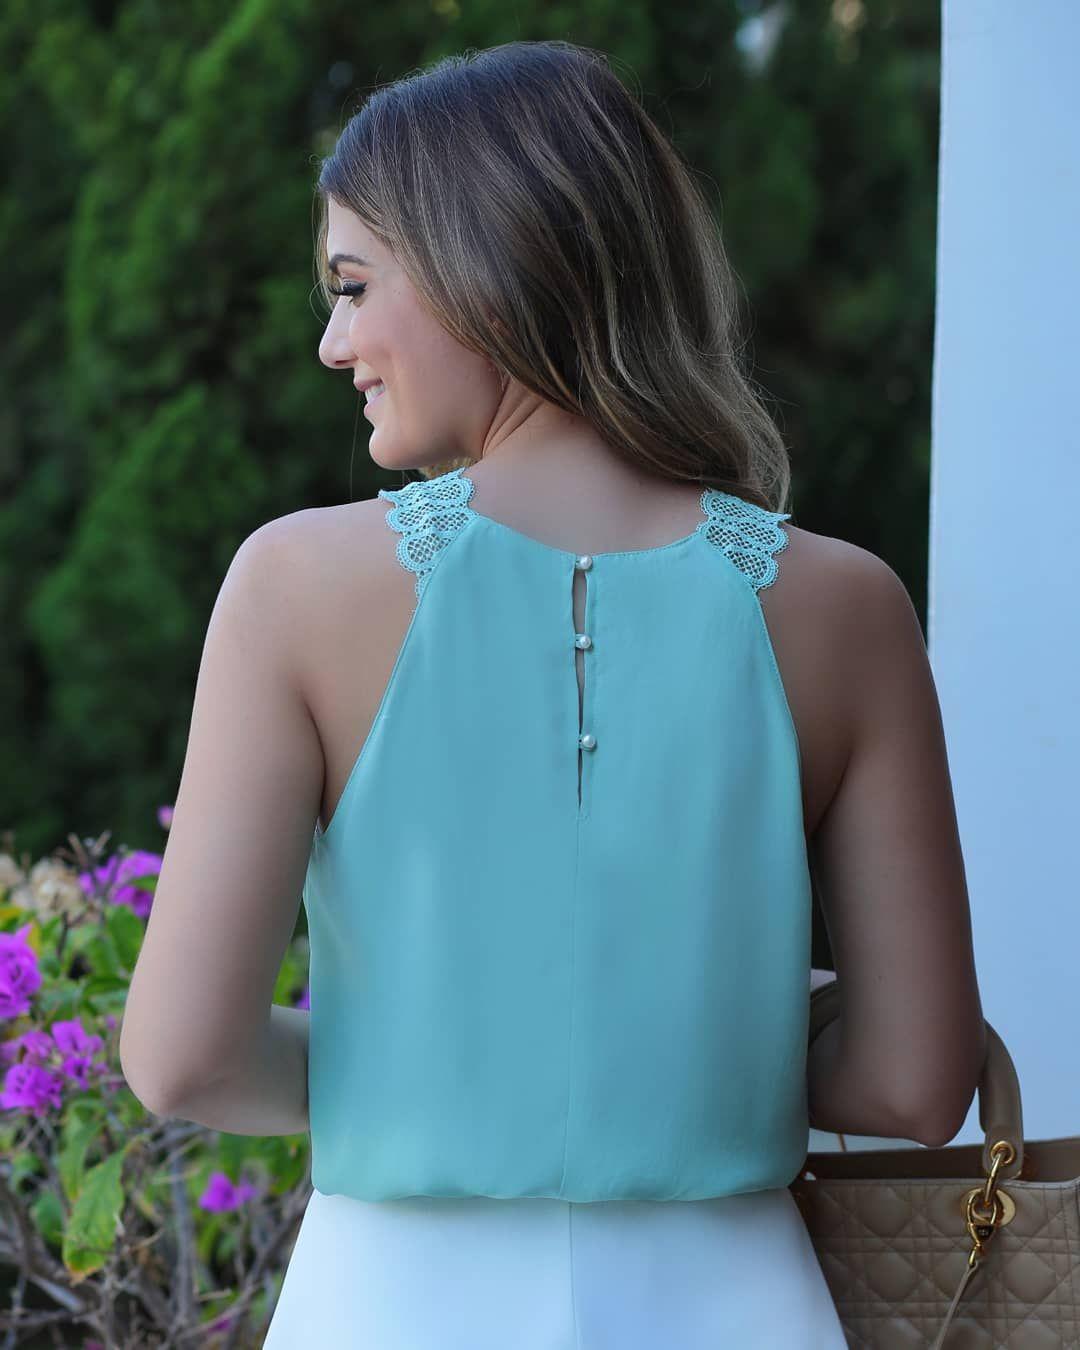 39a56db419  Summer Wishes  Detalhe lindo de botões nas costas desta blusa na querida   arianecanovas! 💕💕💕